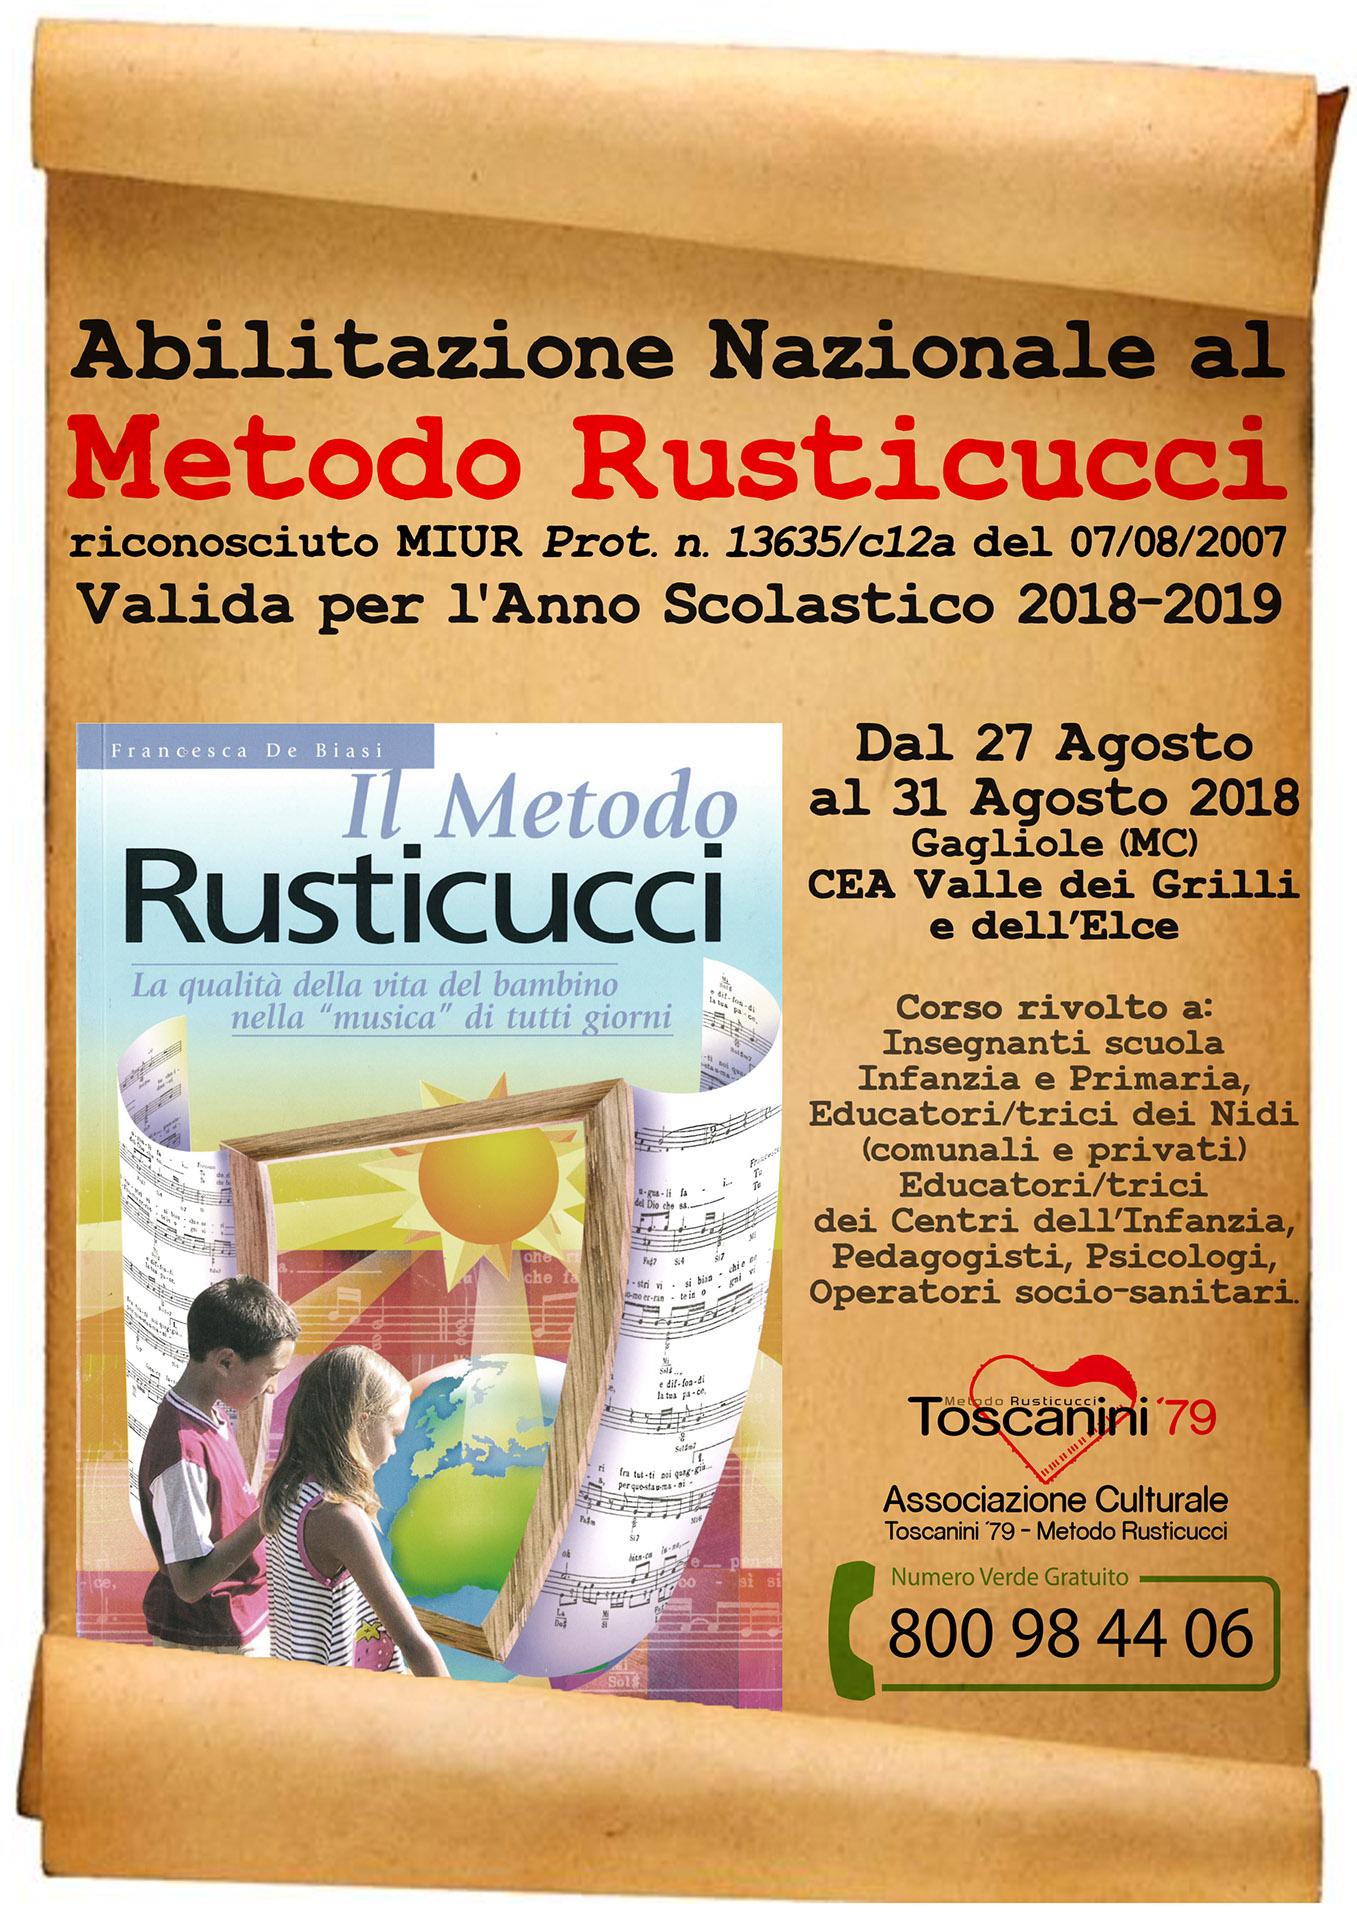 Abilitazione Nazionale al Metodo Rusticucci – Gagliole (27-31 agosto 2018)